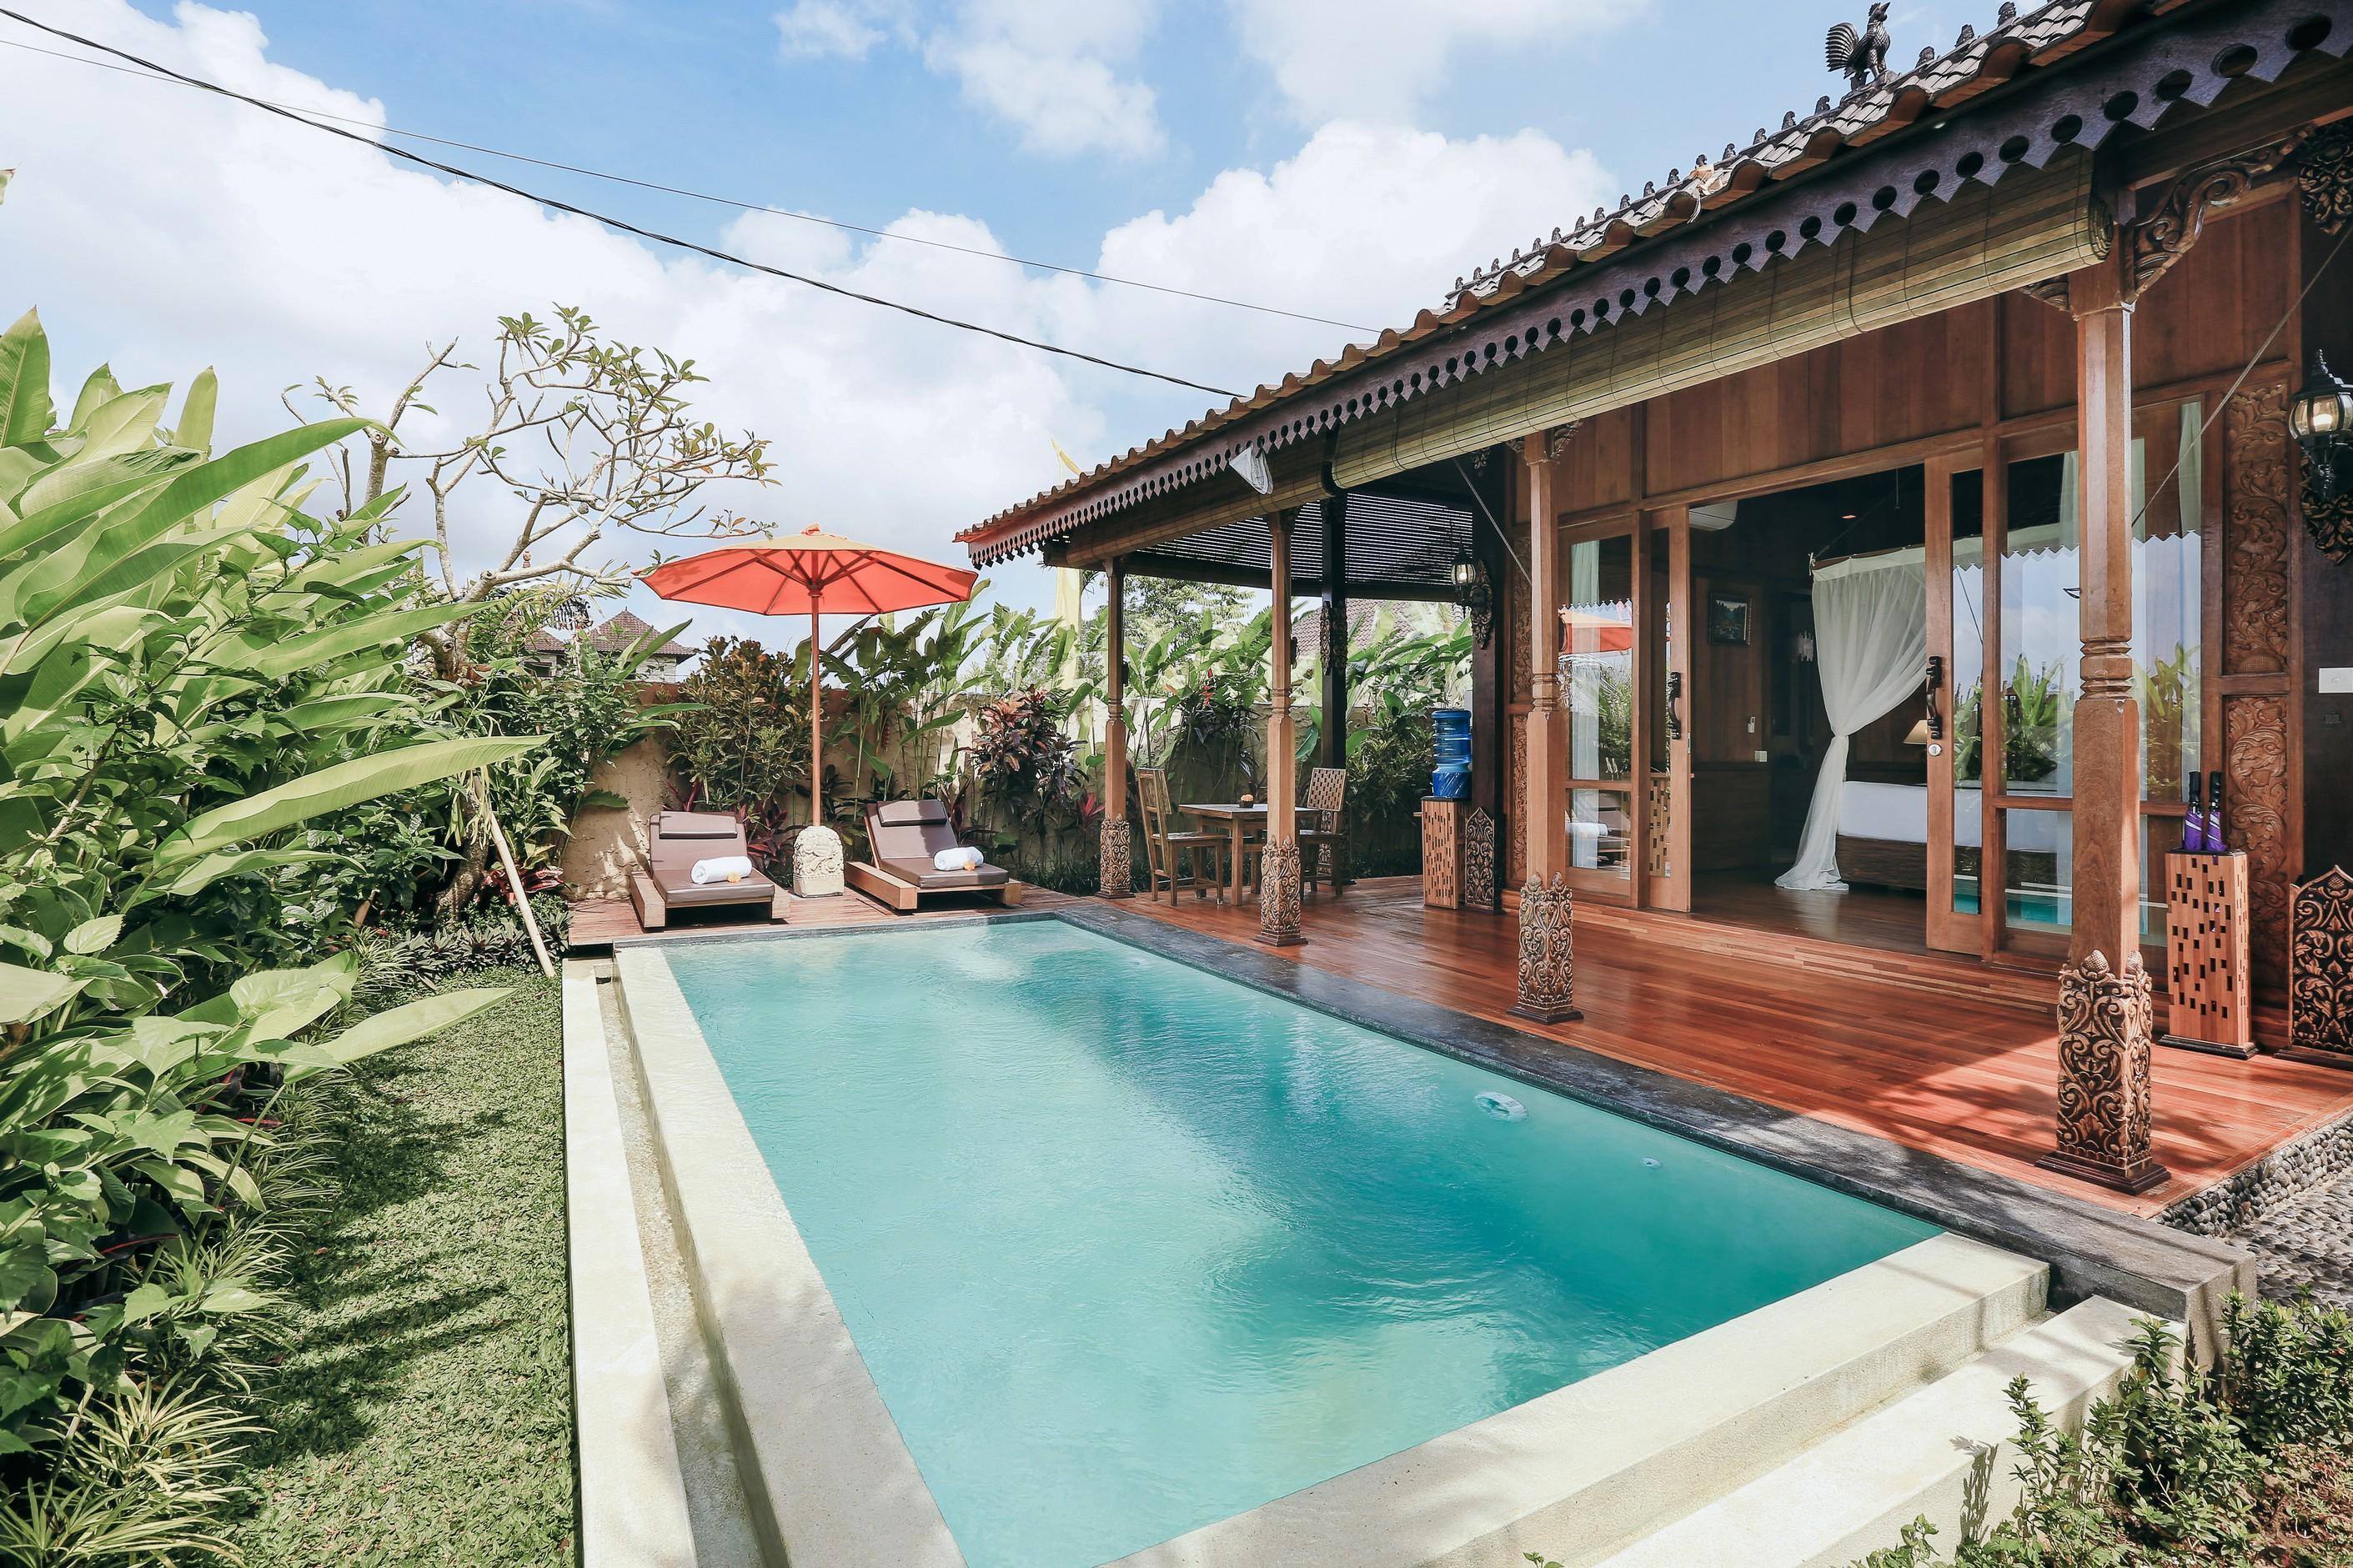 Candy Villa Manggo Villa Villas For Rent In Ubud Bali Indonesia